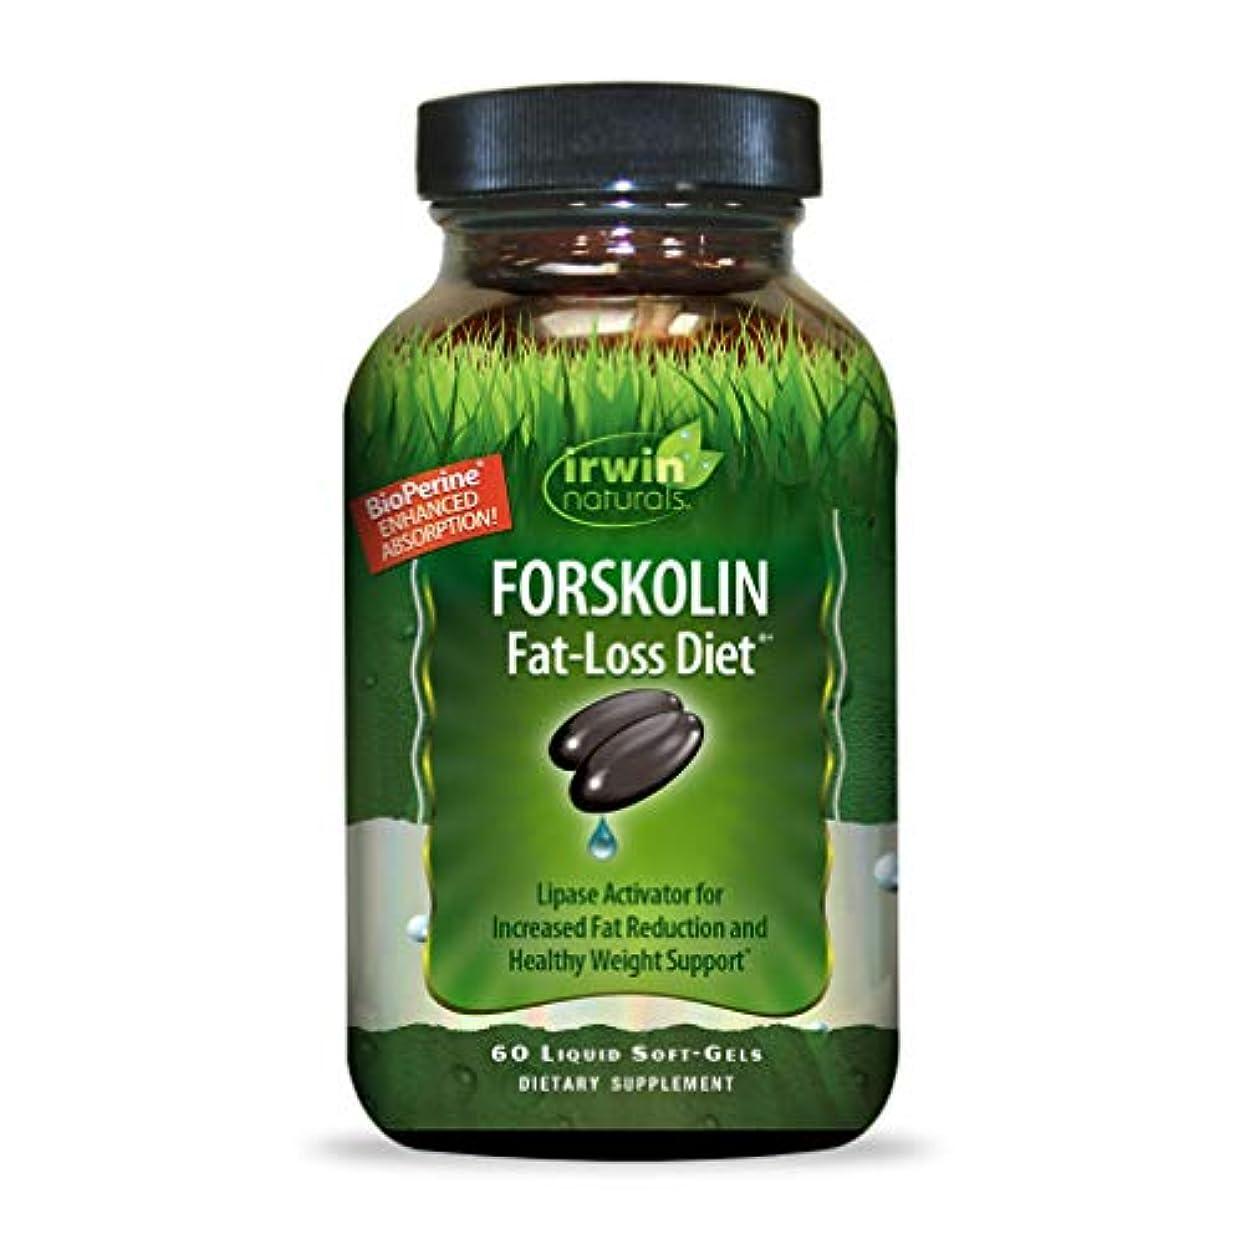 有罪足恐怖症Irwin Naturals Forskolin(フォルスコリン) Fat-Loss Diet 60 sgels